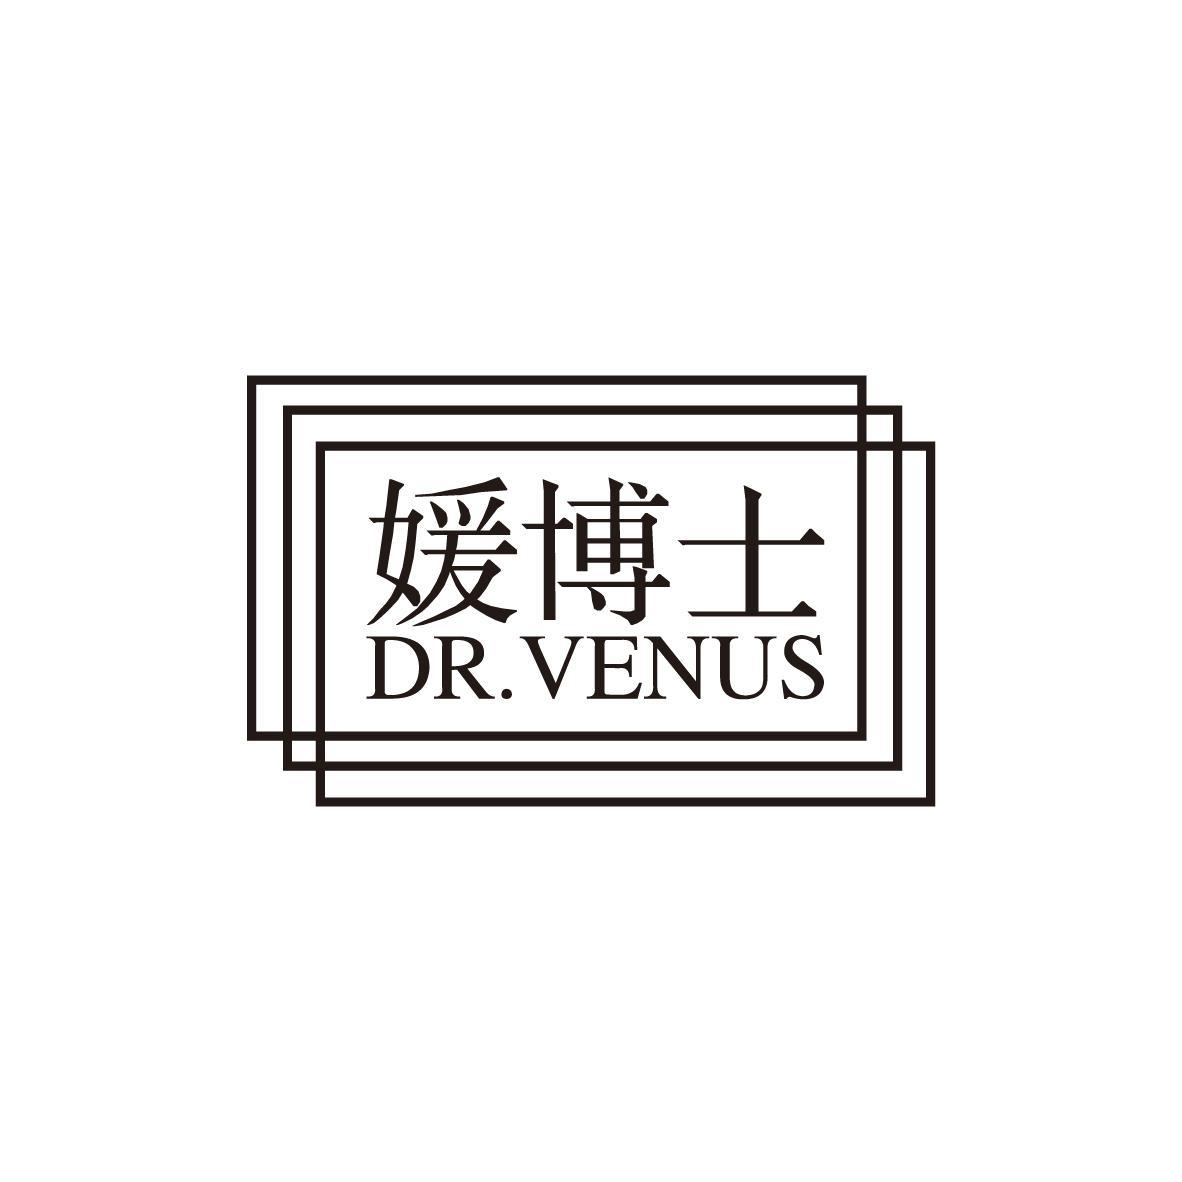 媛博士 DR.VENUS